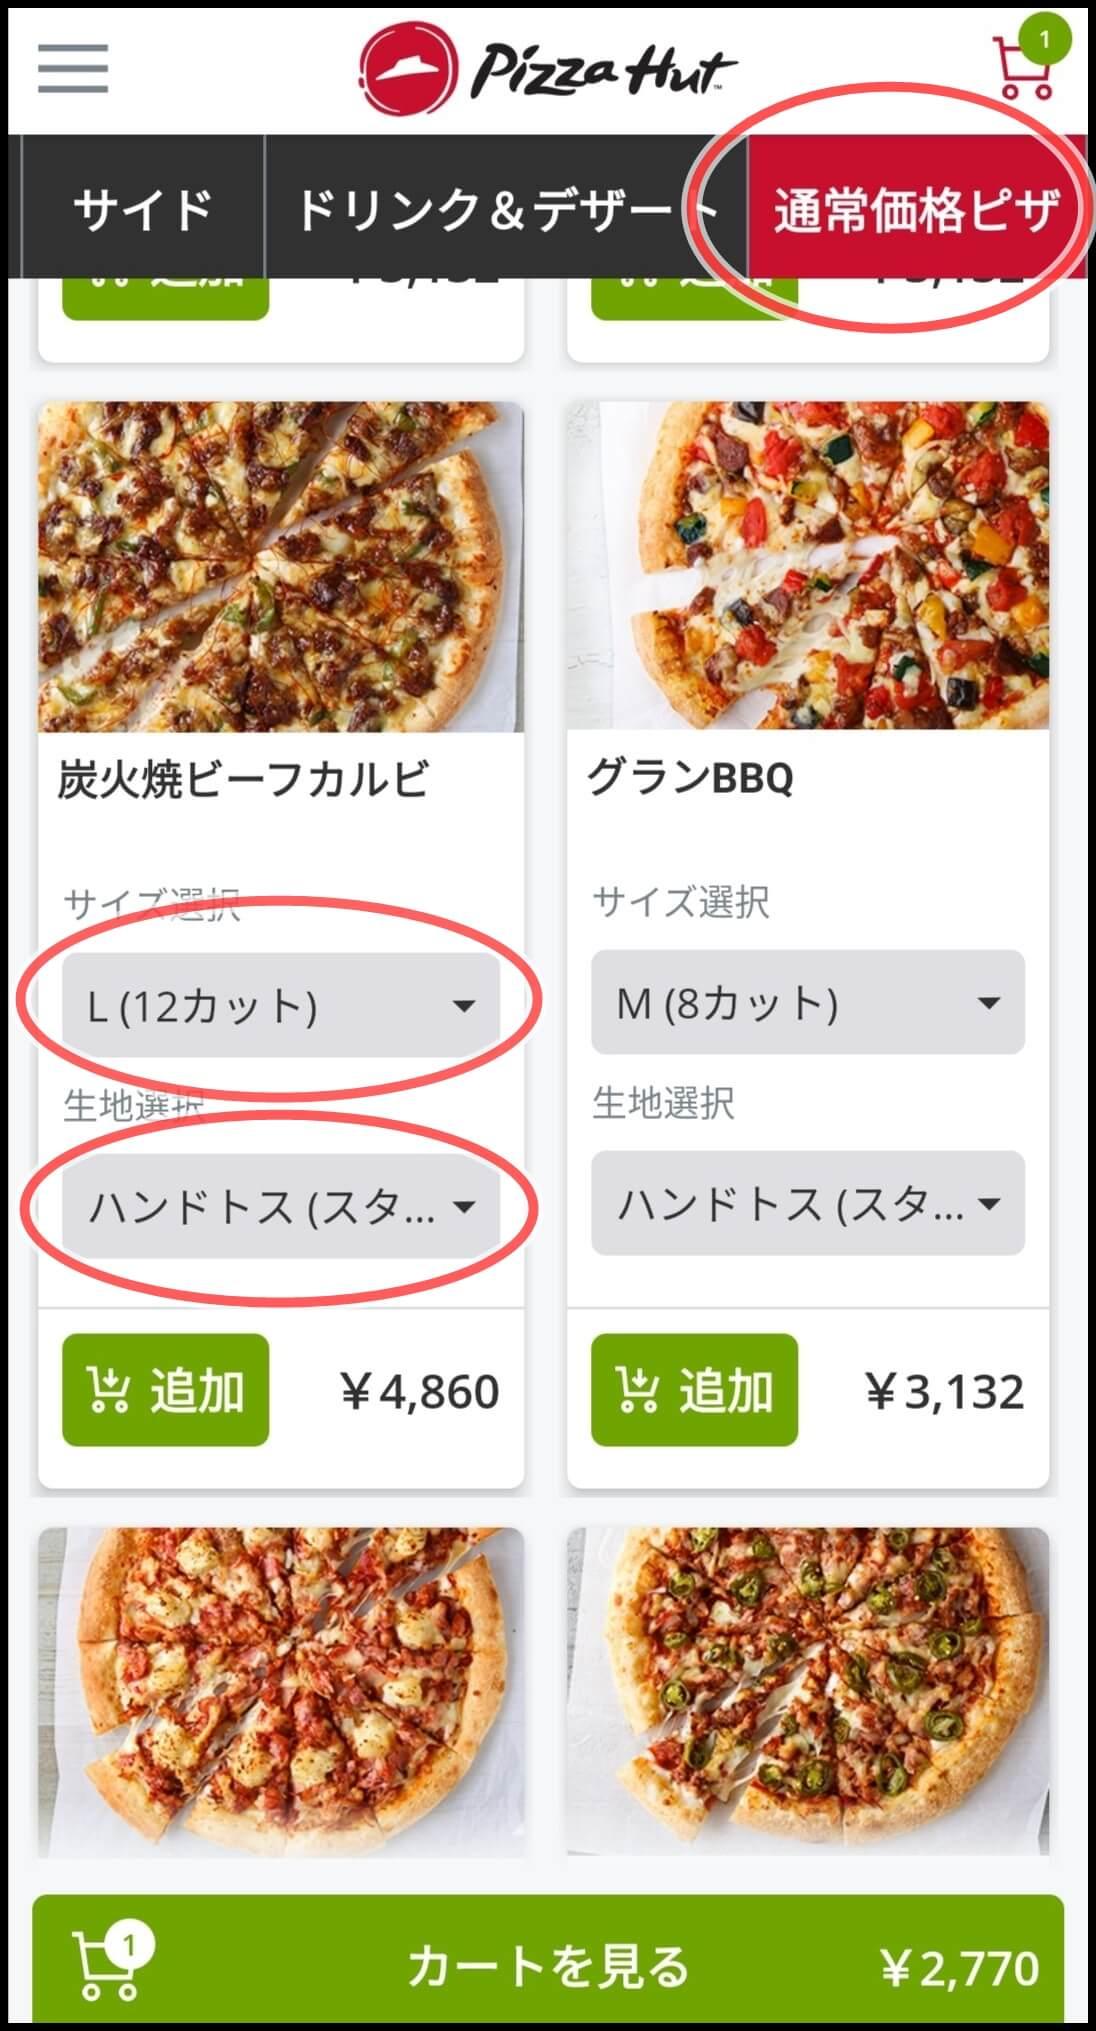 ピザハット-肉の日-注文方法